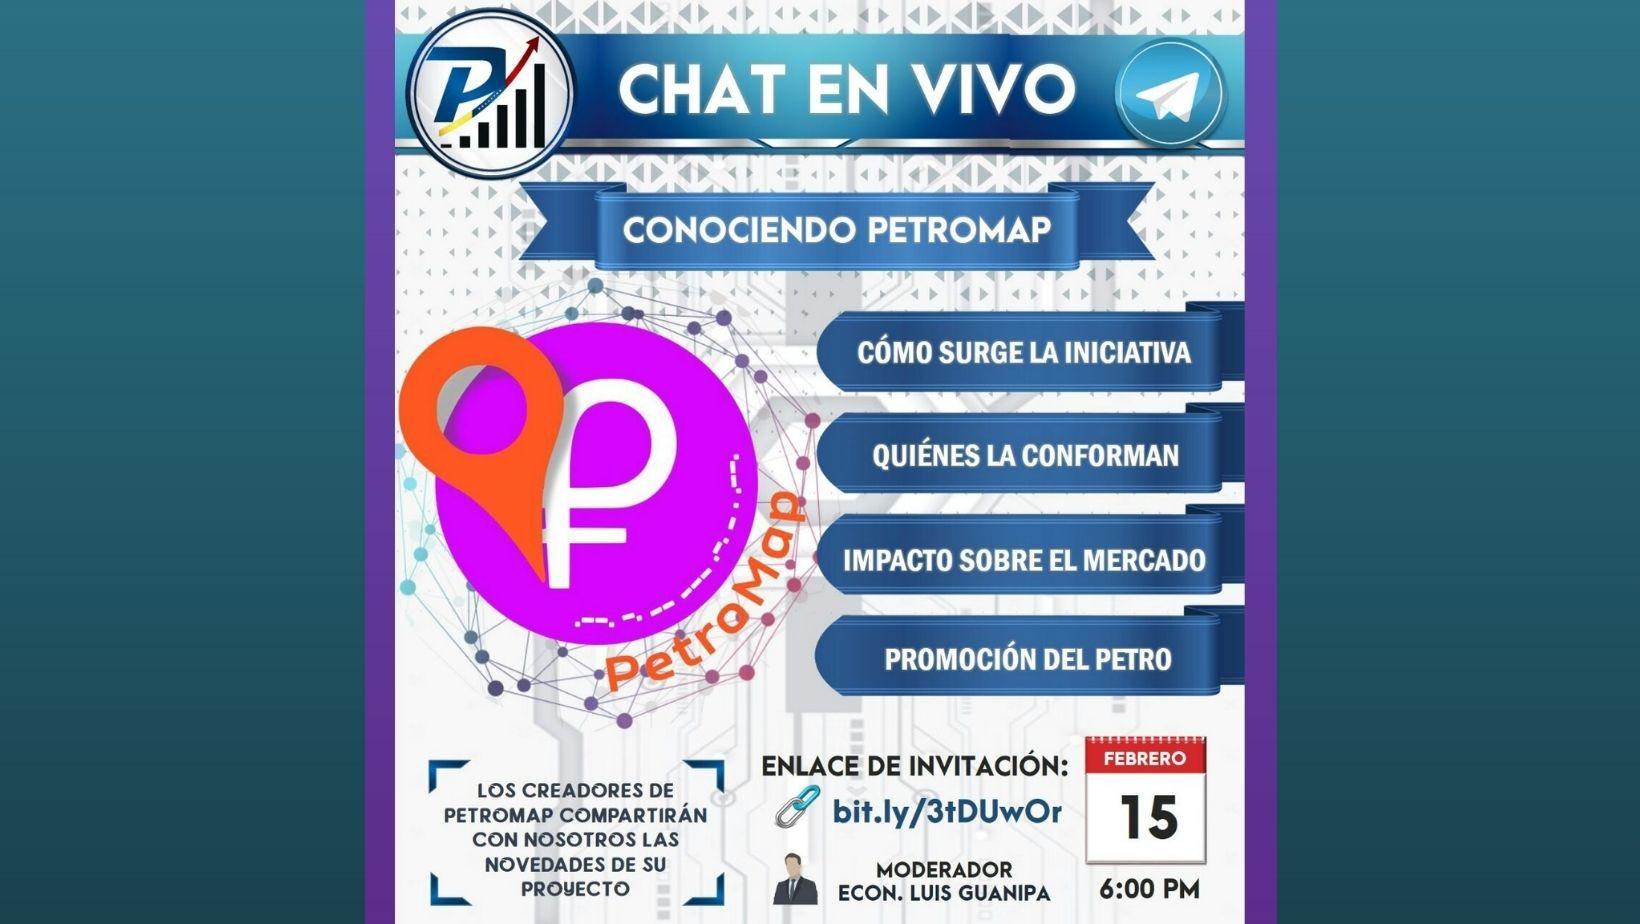 Foro Chat EN VIVO. Conoce a PetroMap